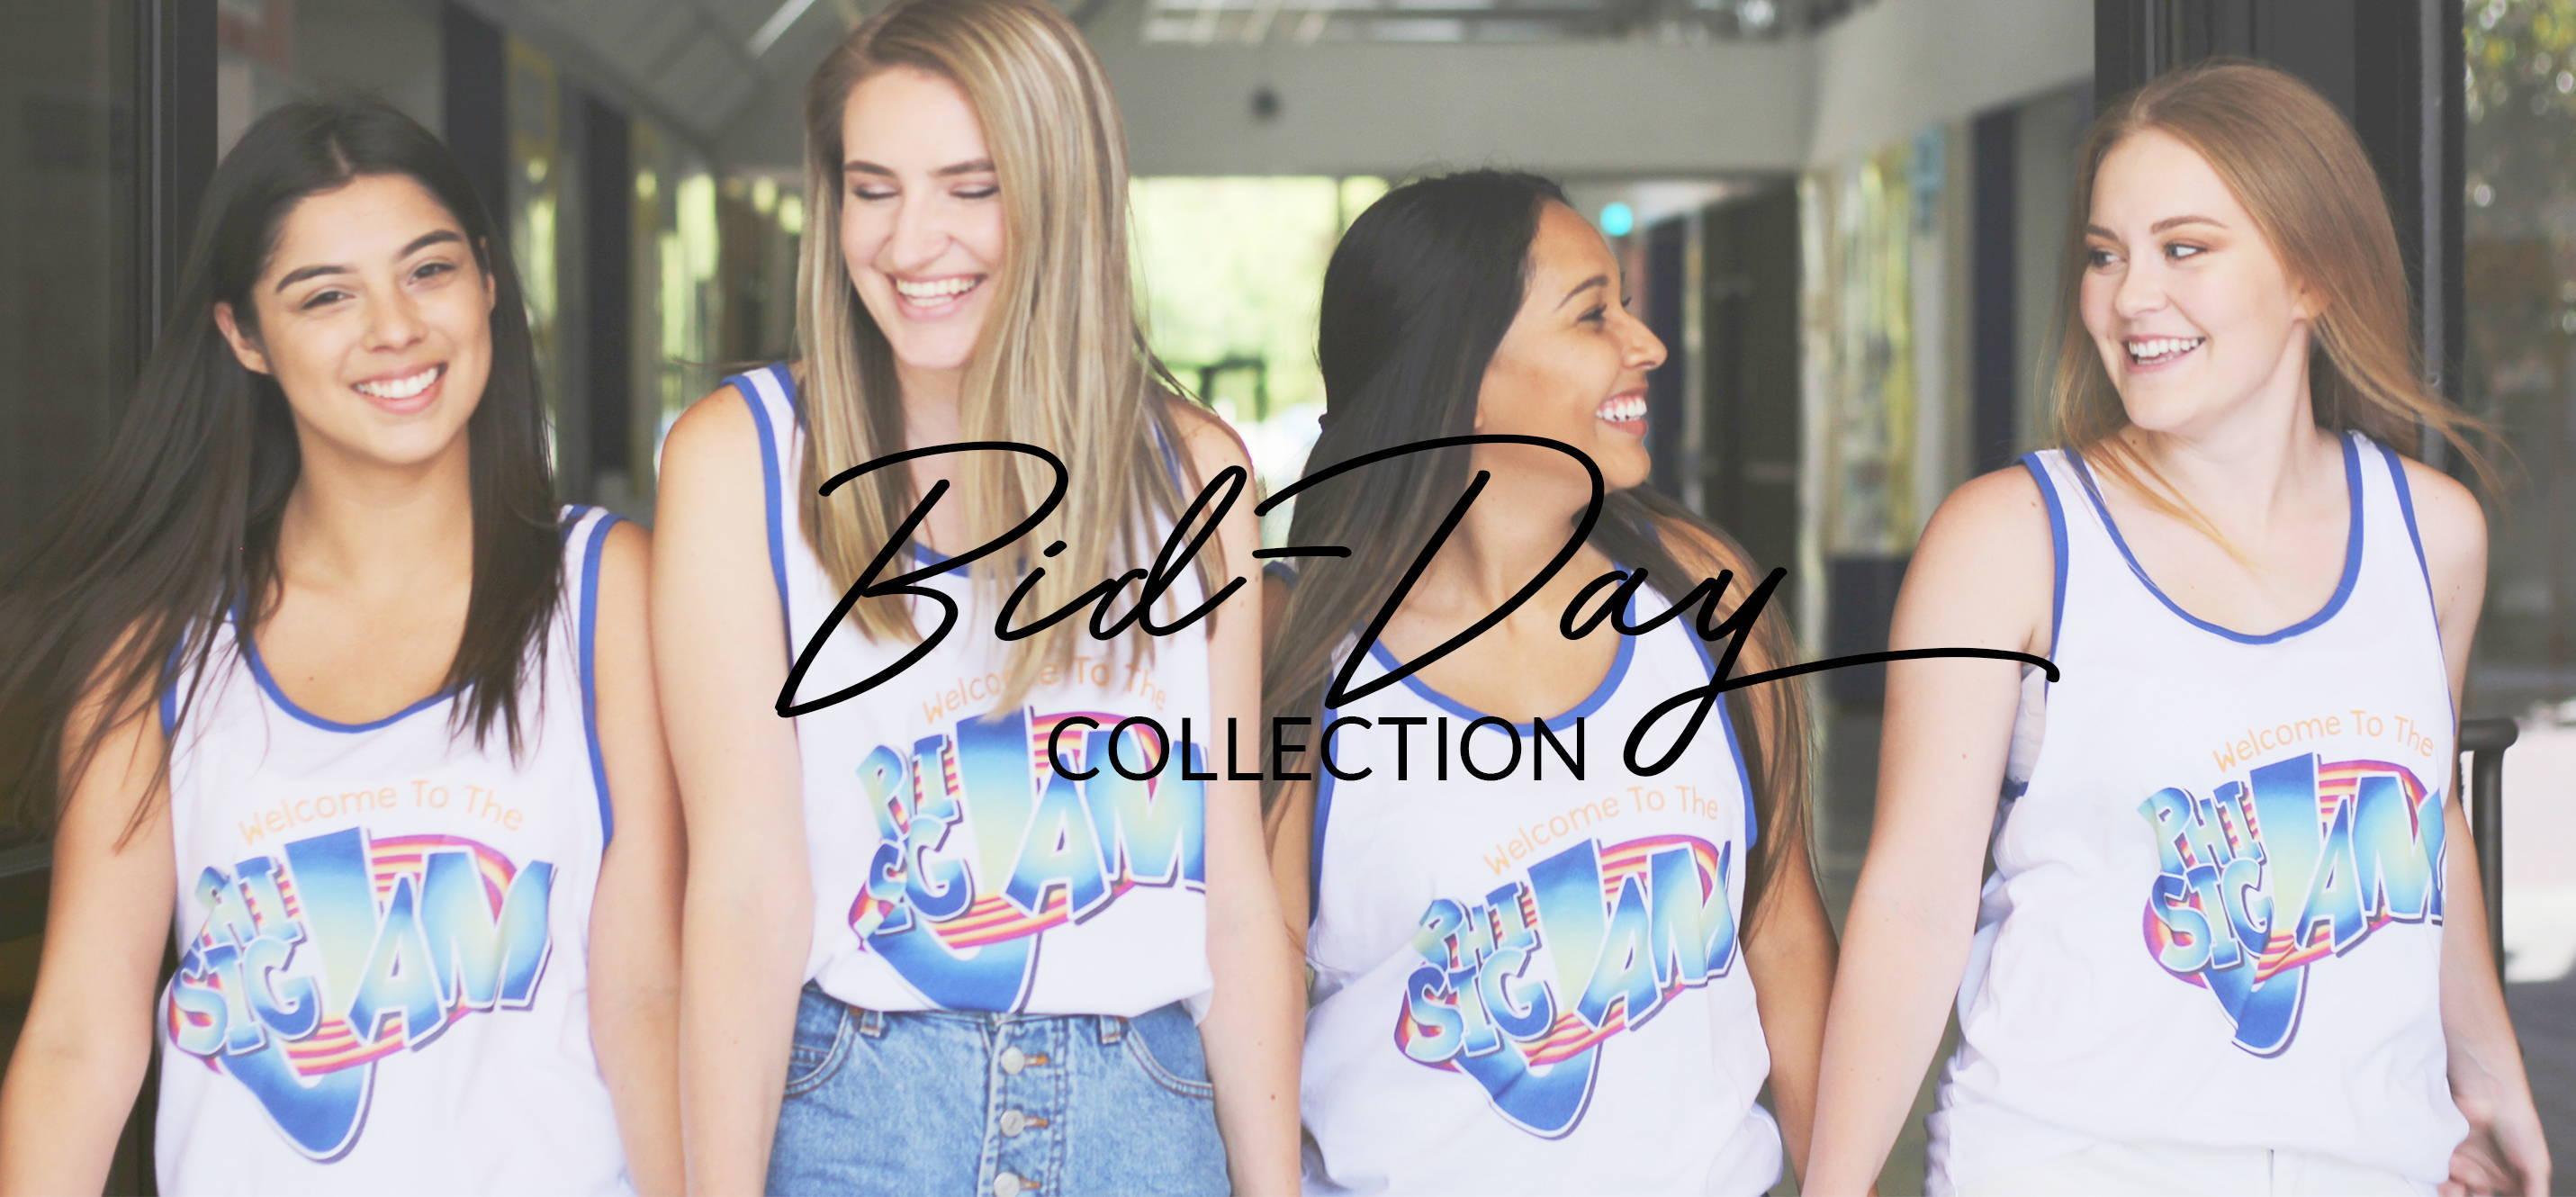 Bid Day Shirts